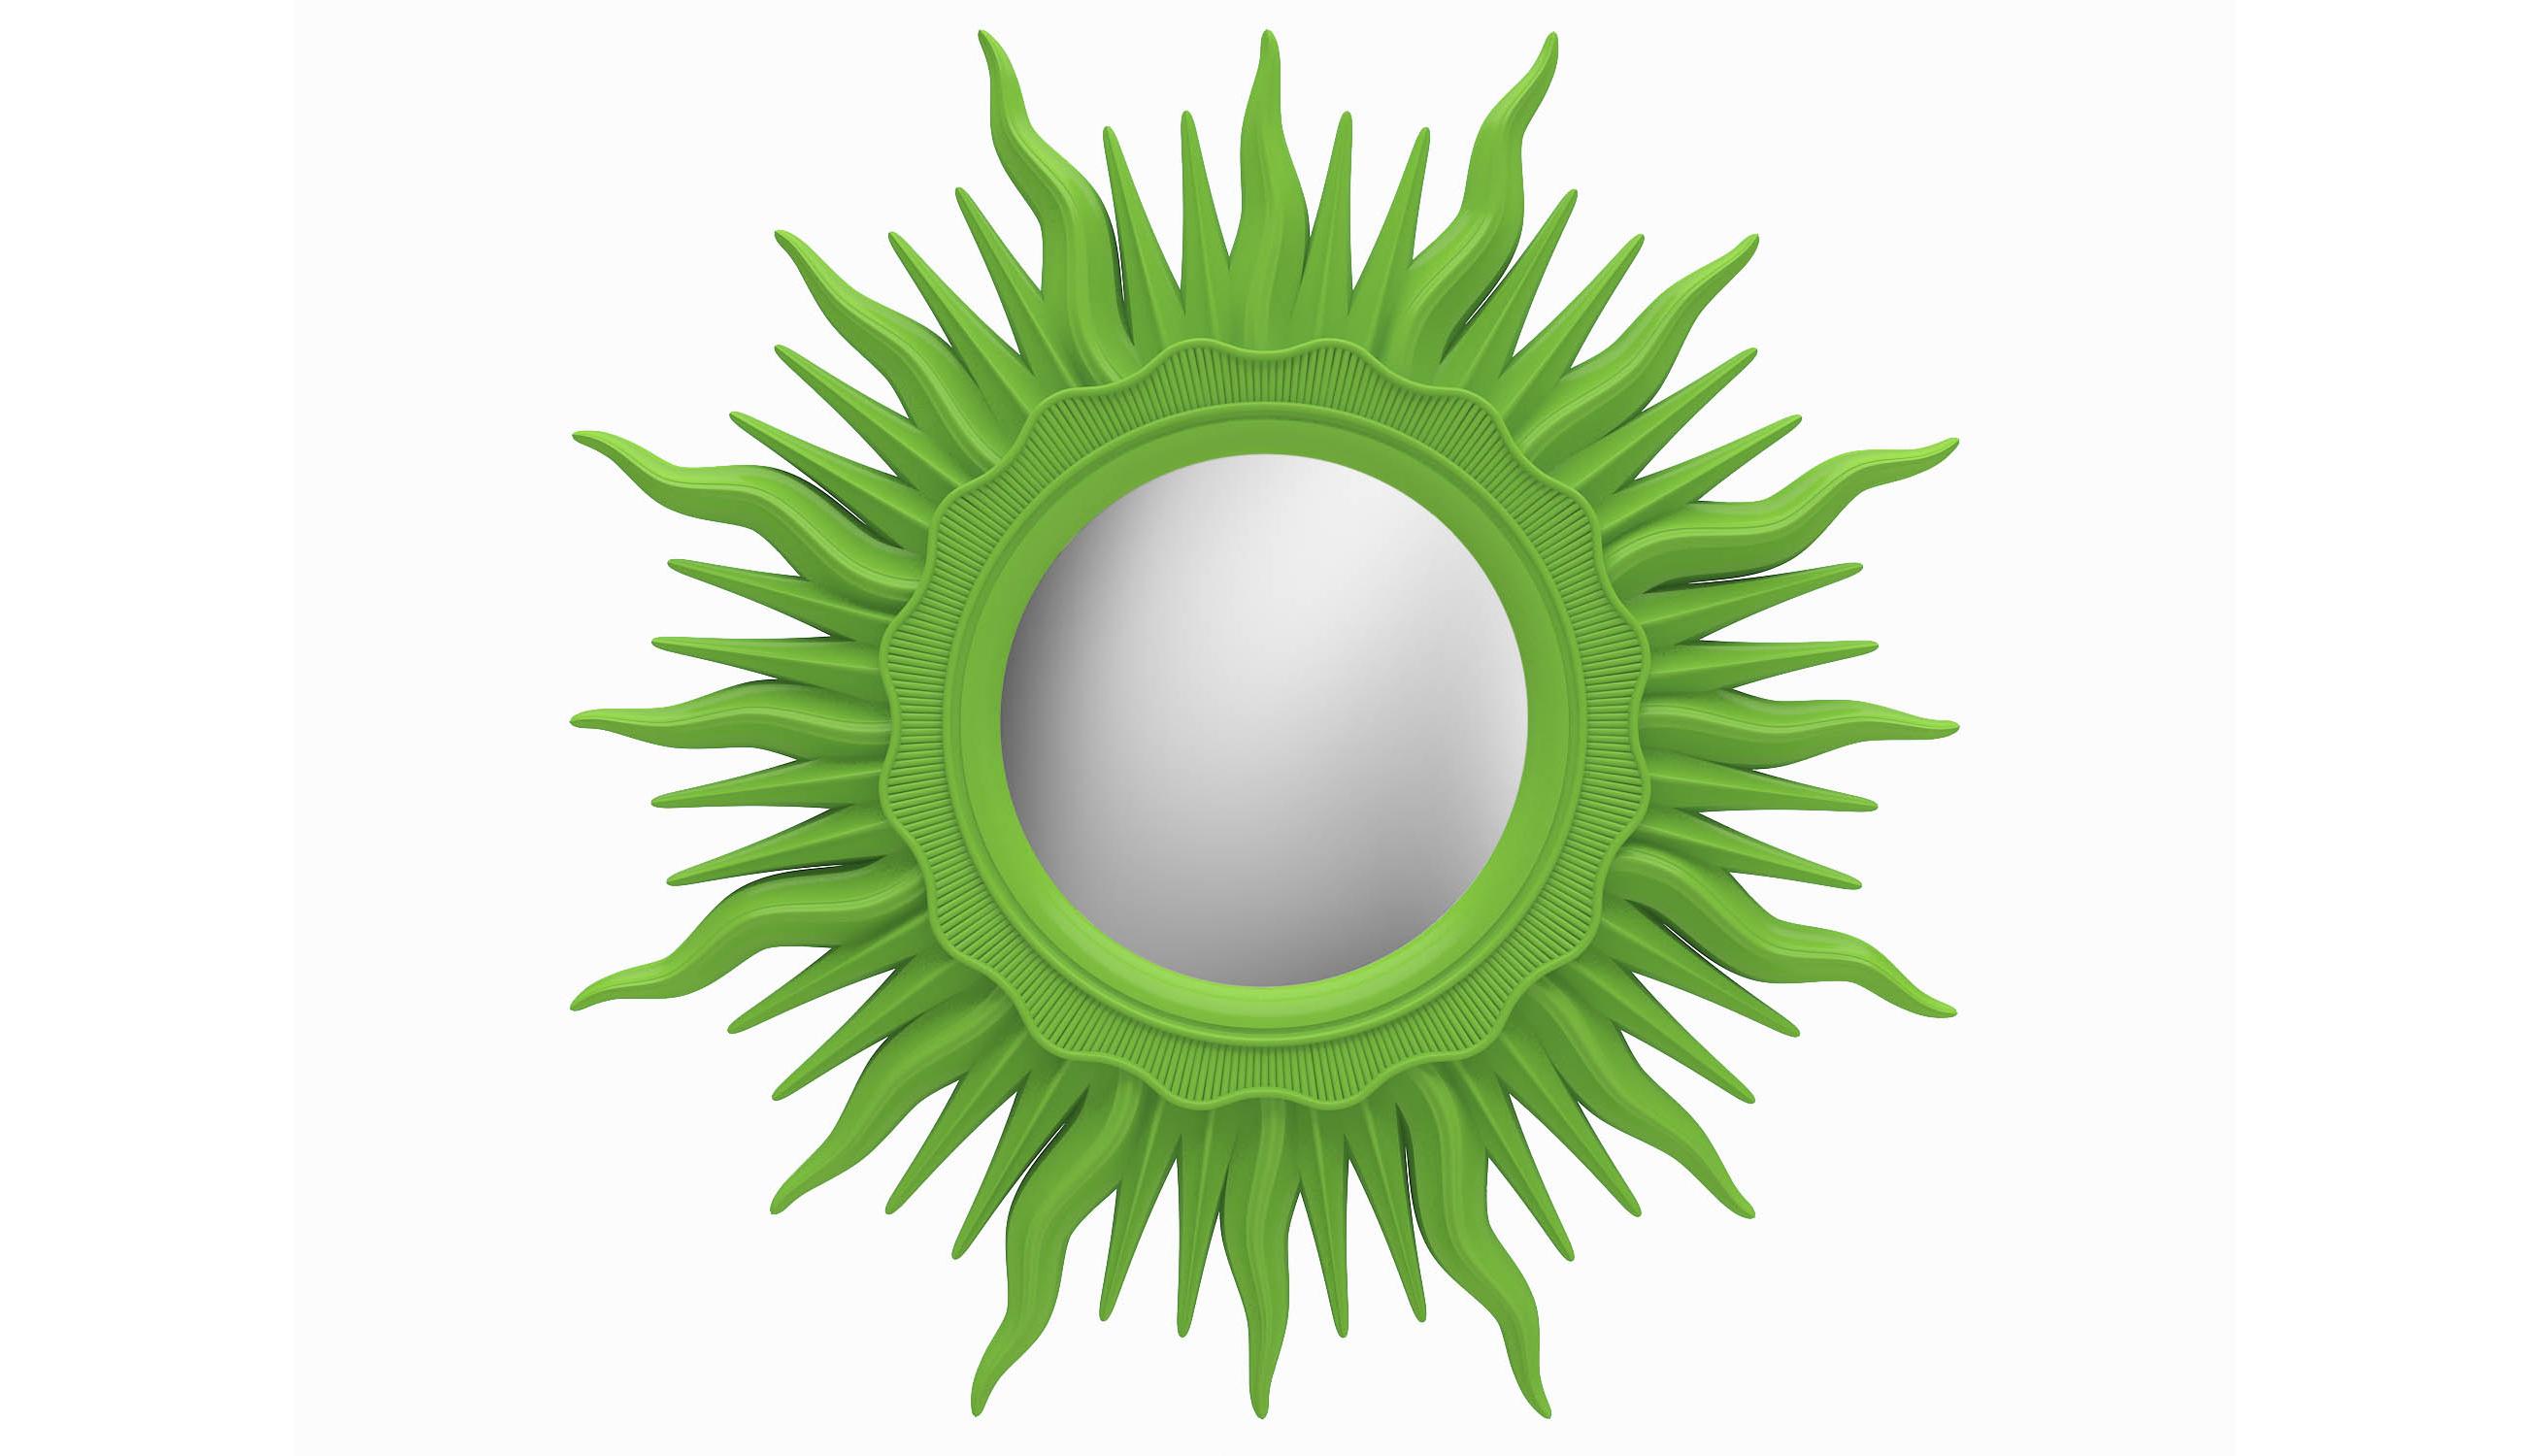 Зеркало АСТРОНастенные зеркала<br>Круглым зеркалом не удивишь. Но если вставить его в раму в виде солнечных лучей, равнодушных не останется. Так устроен наш организм: всегда тянется навстречу светилу, даже бутафорскому и даже… зеленому. Обрамление из композитного полиуретана окрашено в цвет свежий зелени, яркий и позитивный. ППУ ? материал настолько крепкий, что будет служить долгие годы без единого скола.Цвет: Зеленый<br><br>kit: None<br>gender: None